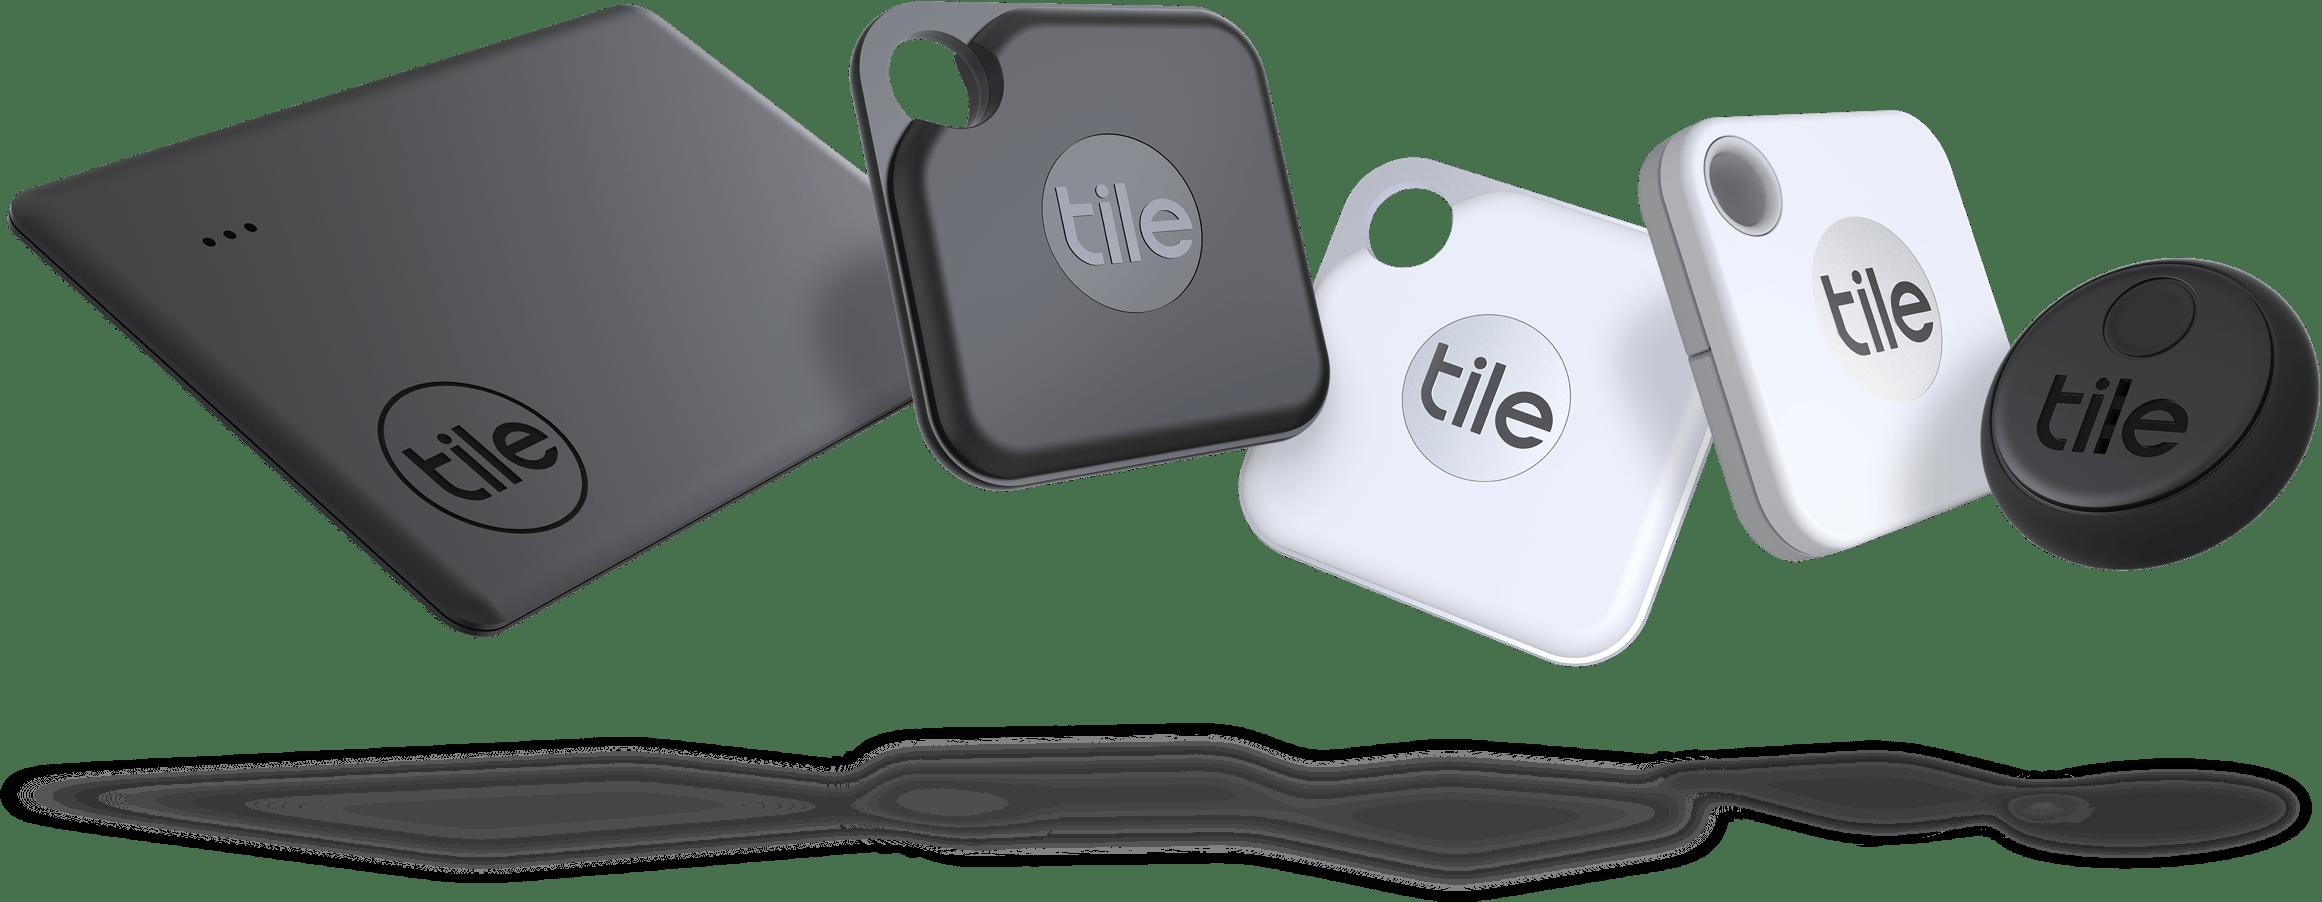 Tile Familie– Slim, Pro, Mate und Sticker